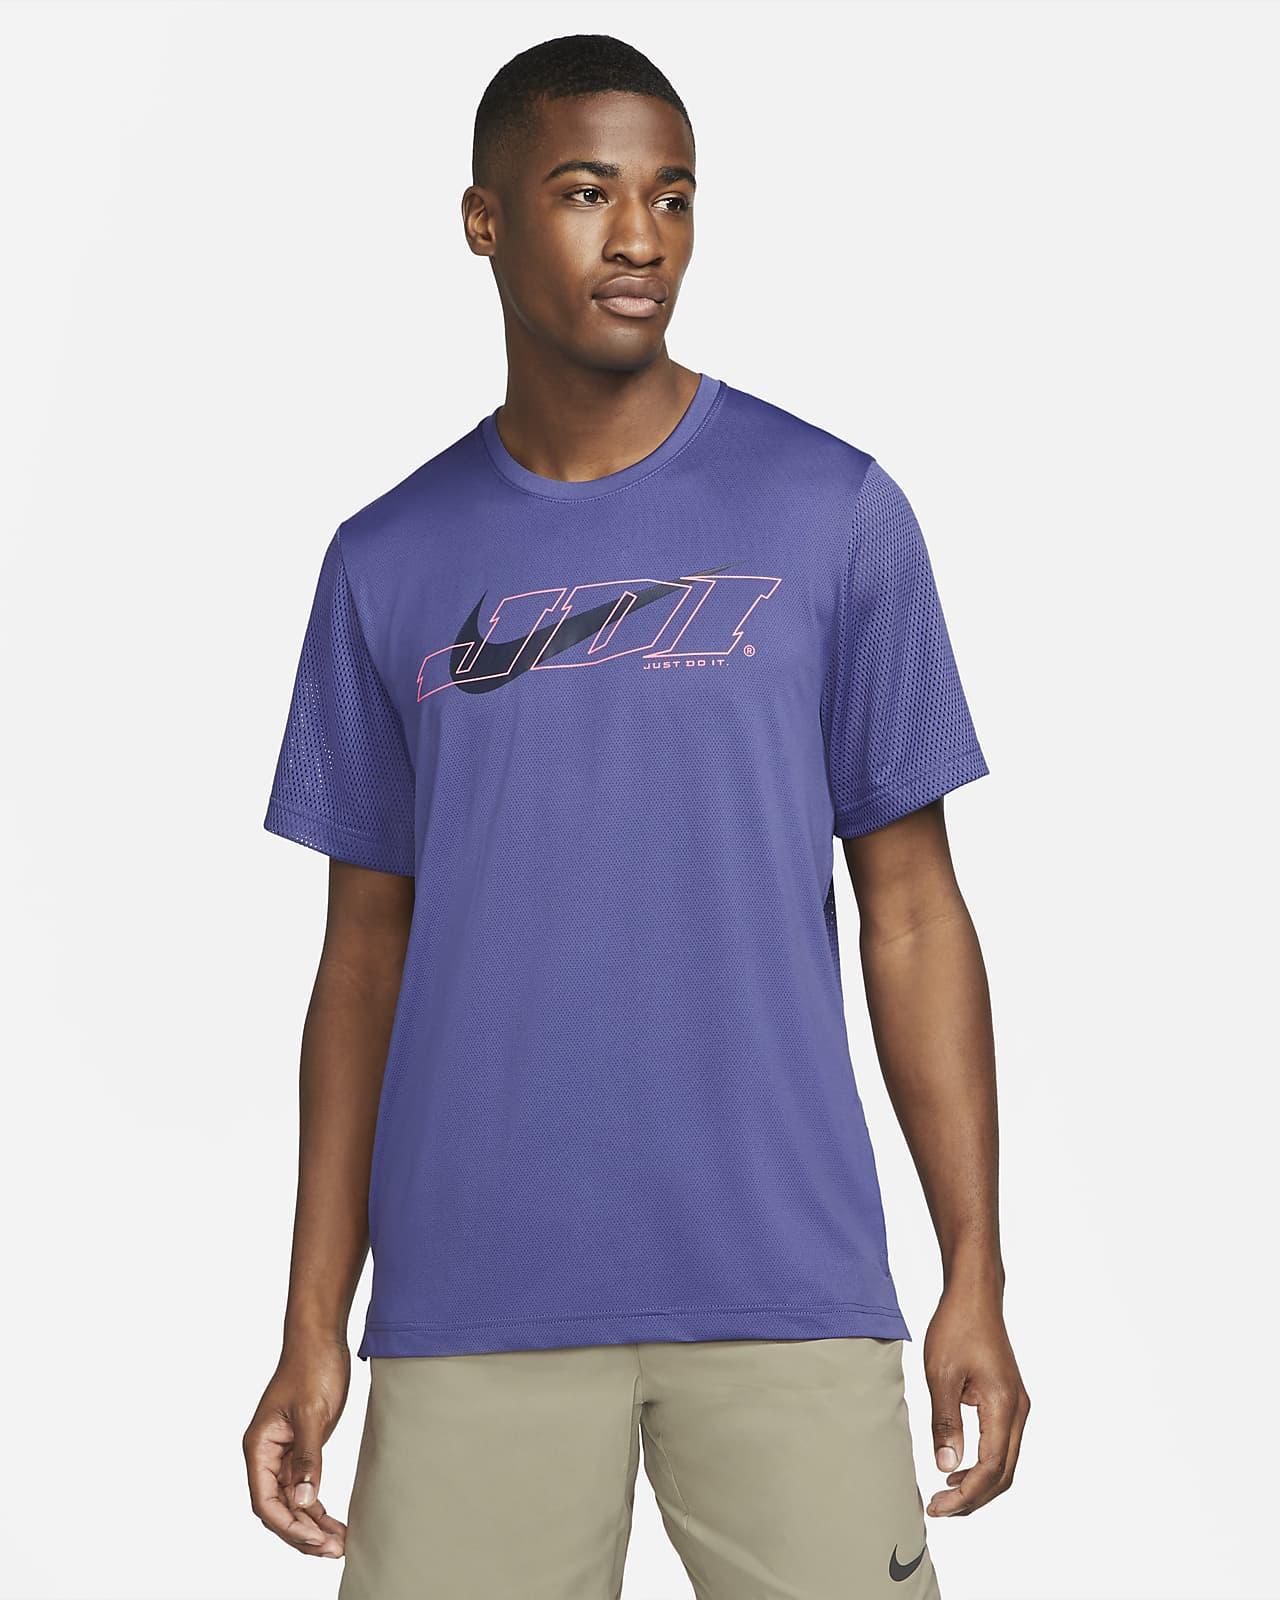 Pánské tréninkové tričko Nike Sport Clash skrátkým rukávem